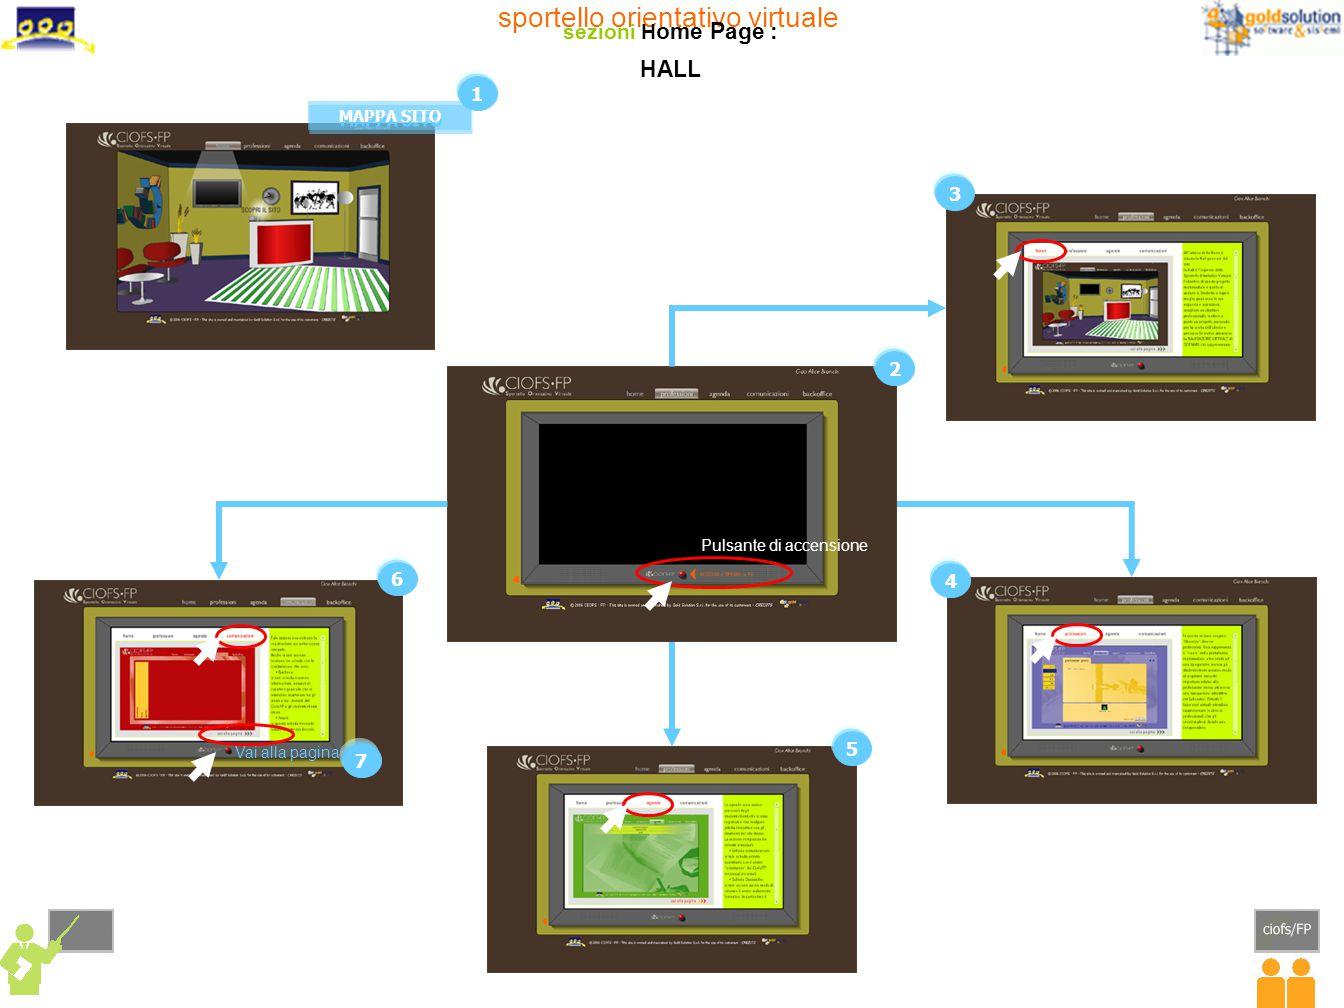 1 22 4 4 sportello orientativo virtuale sezioni Professioni : LABORATORI